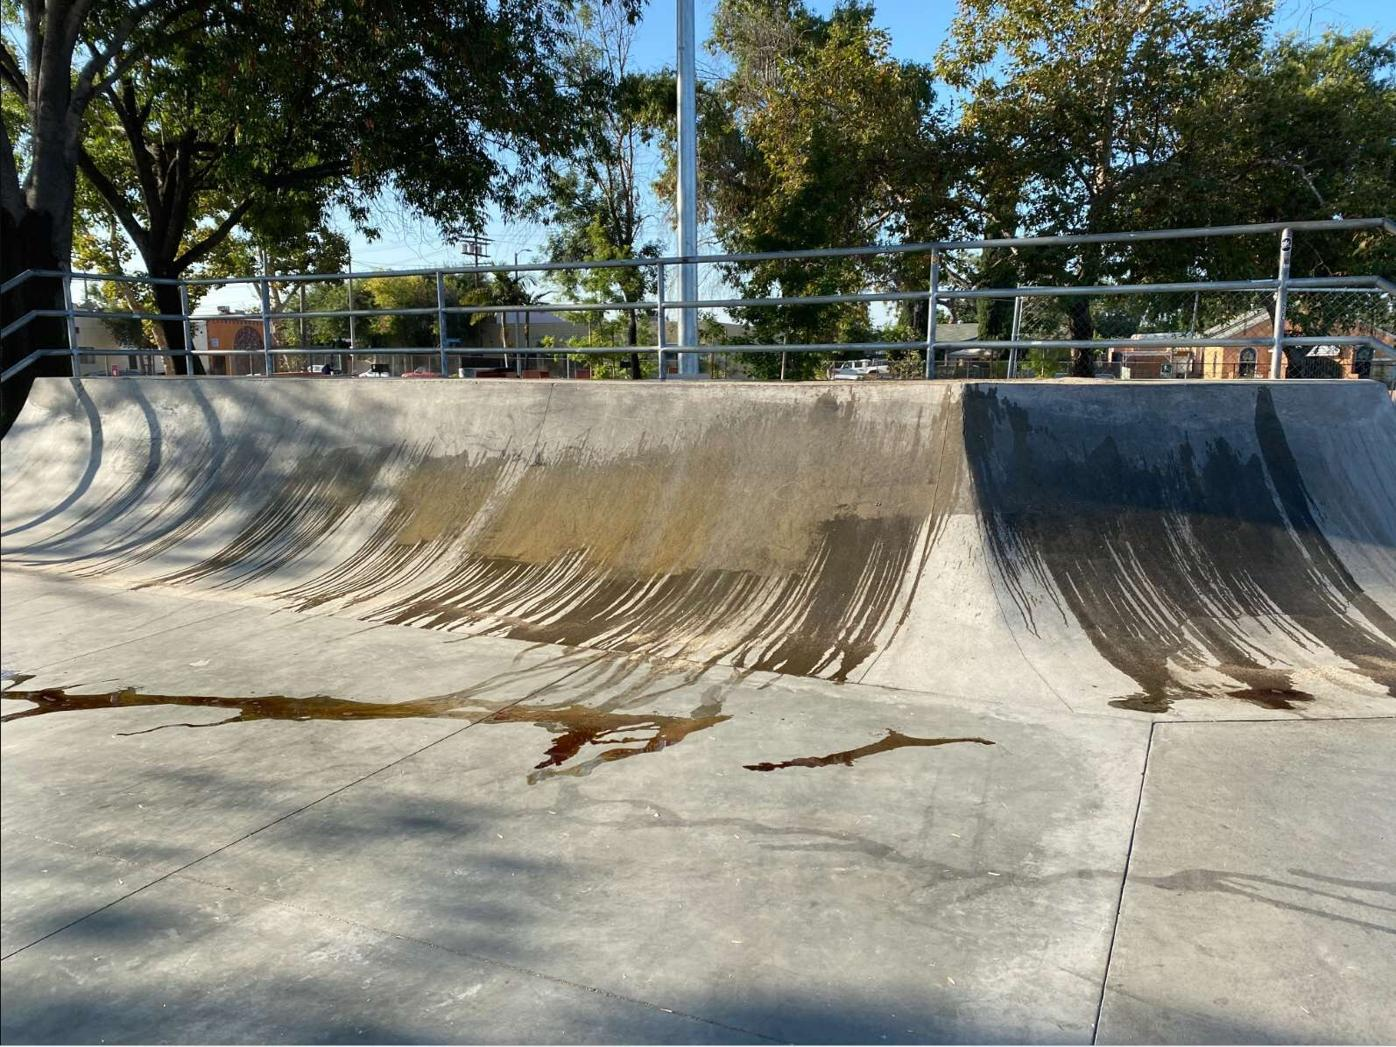 Chevy Chase skatepark quarter-pipe